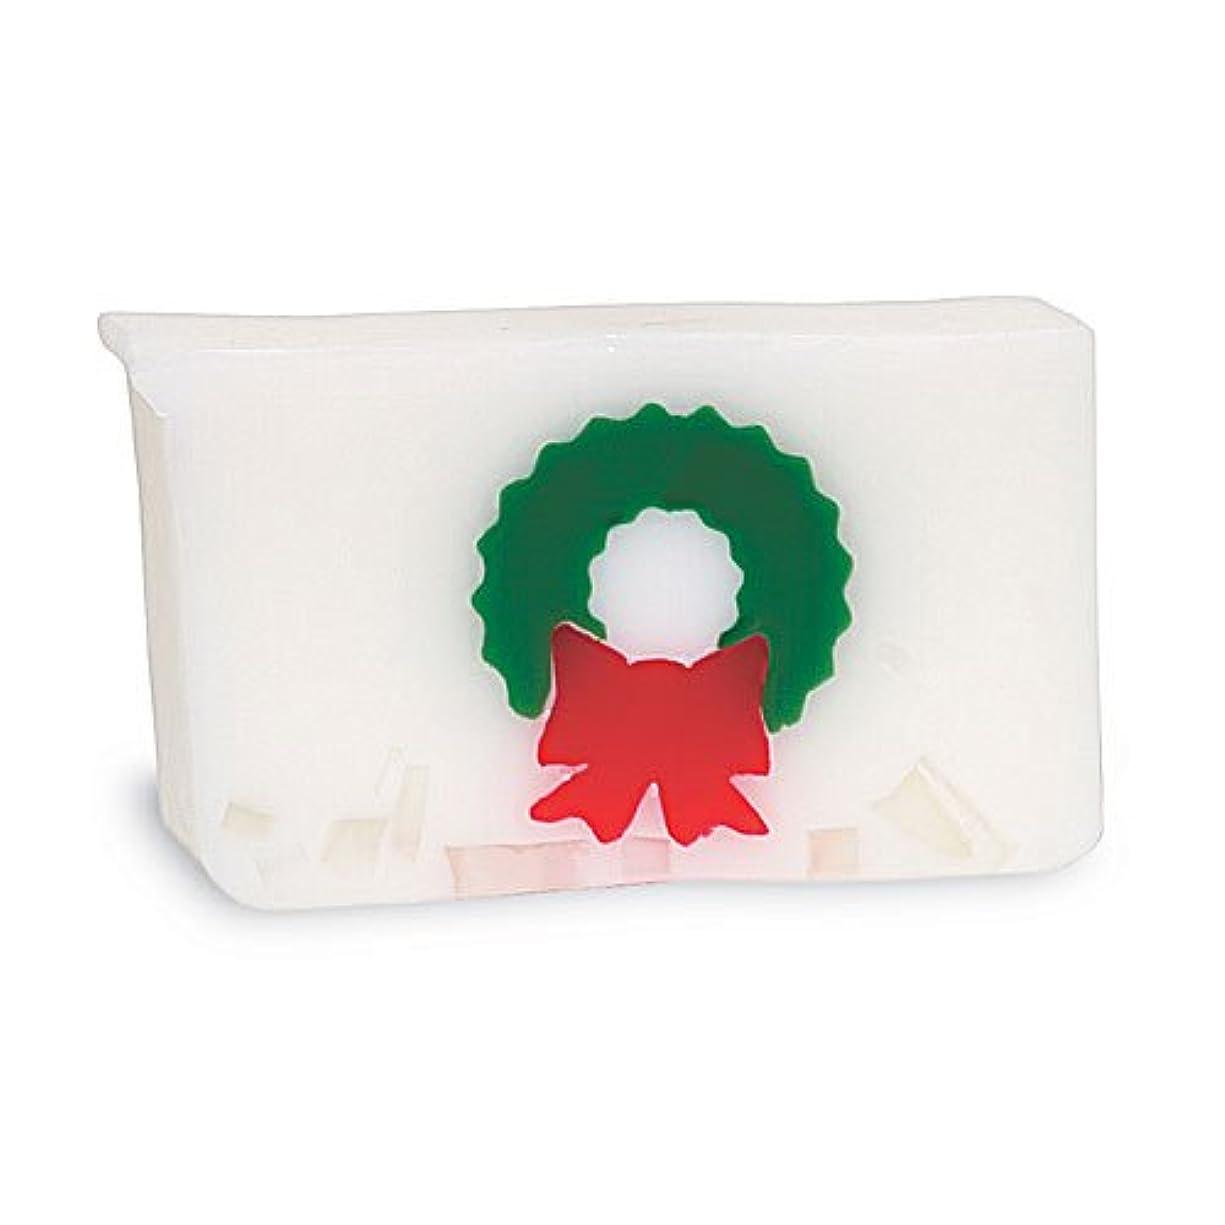 なくなる適用済みディーラープライモールエレメンツ アロマティック ソープ クリスマスリース 180g 植物性 ナチュラル 石鹸 無添加